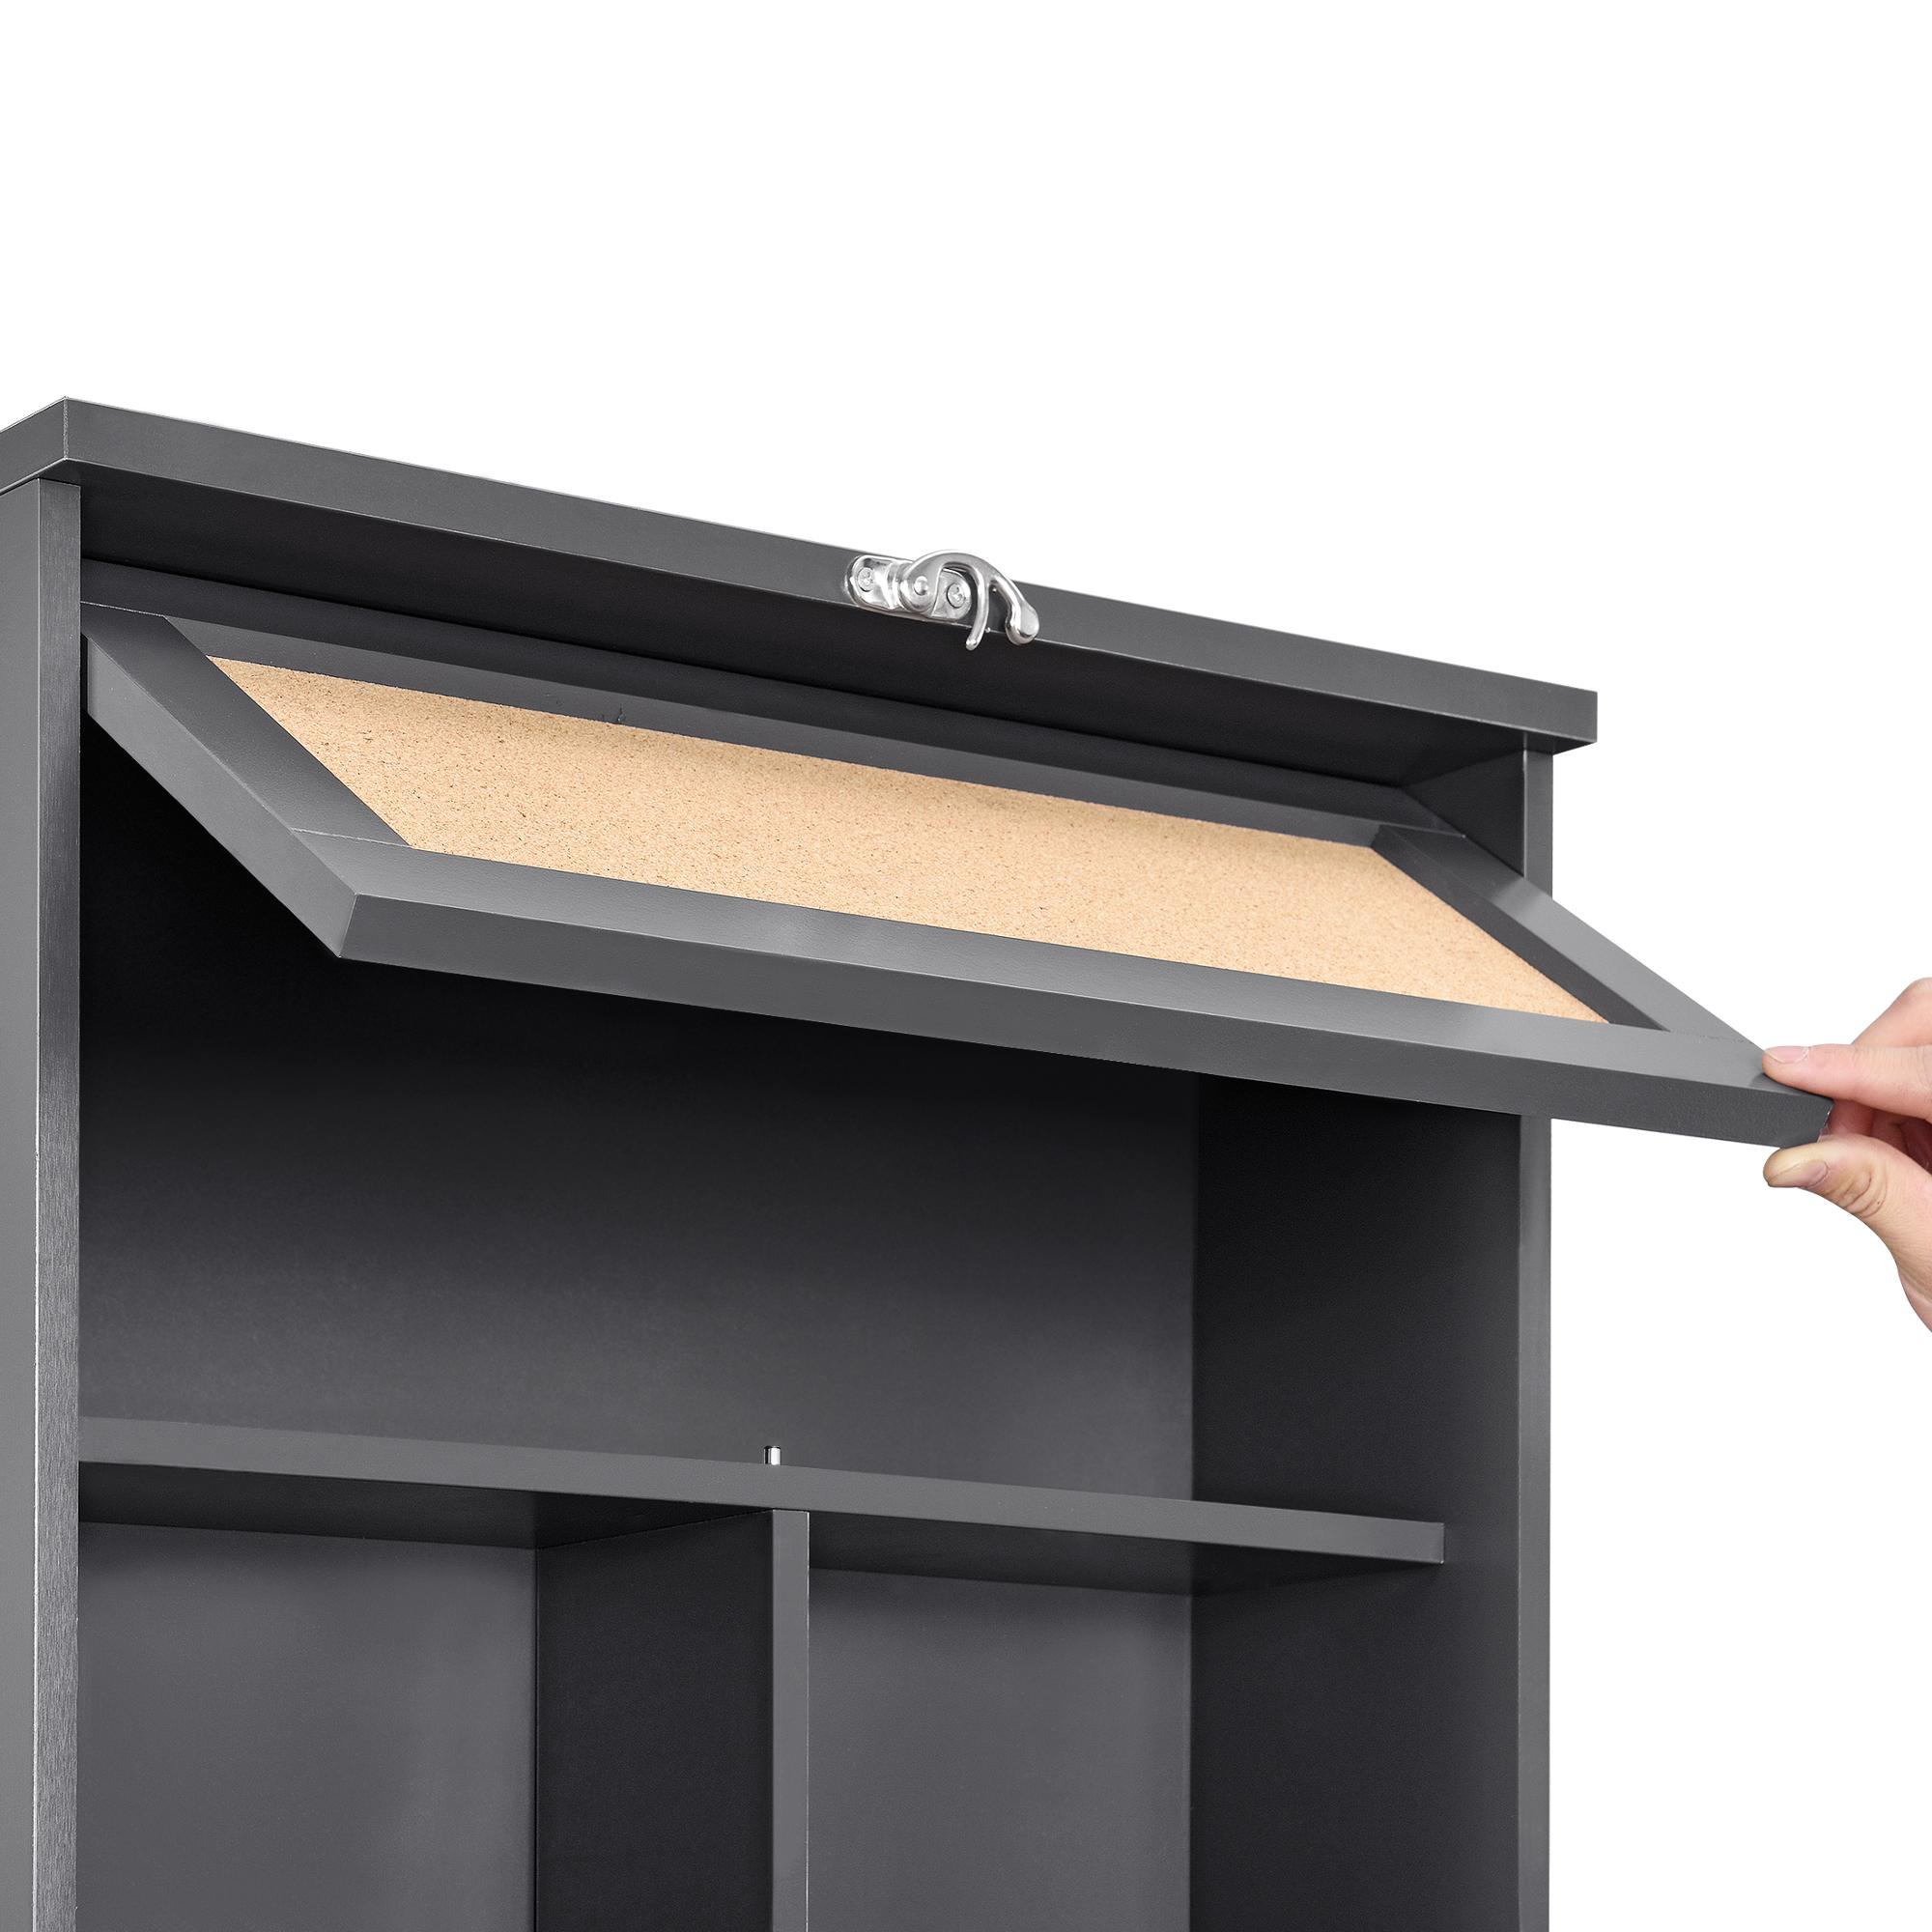 wandtisch grau schreibtisch tisch regal wand klapptisch aus klappbar. Black Bedroom Furniture Sets. Home Design Ideas